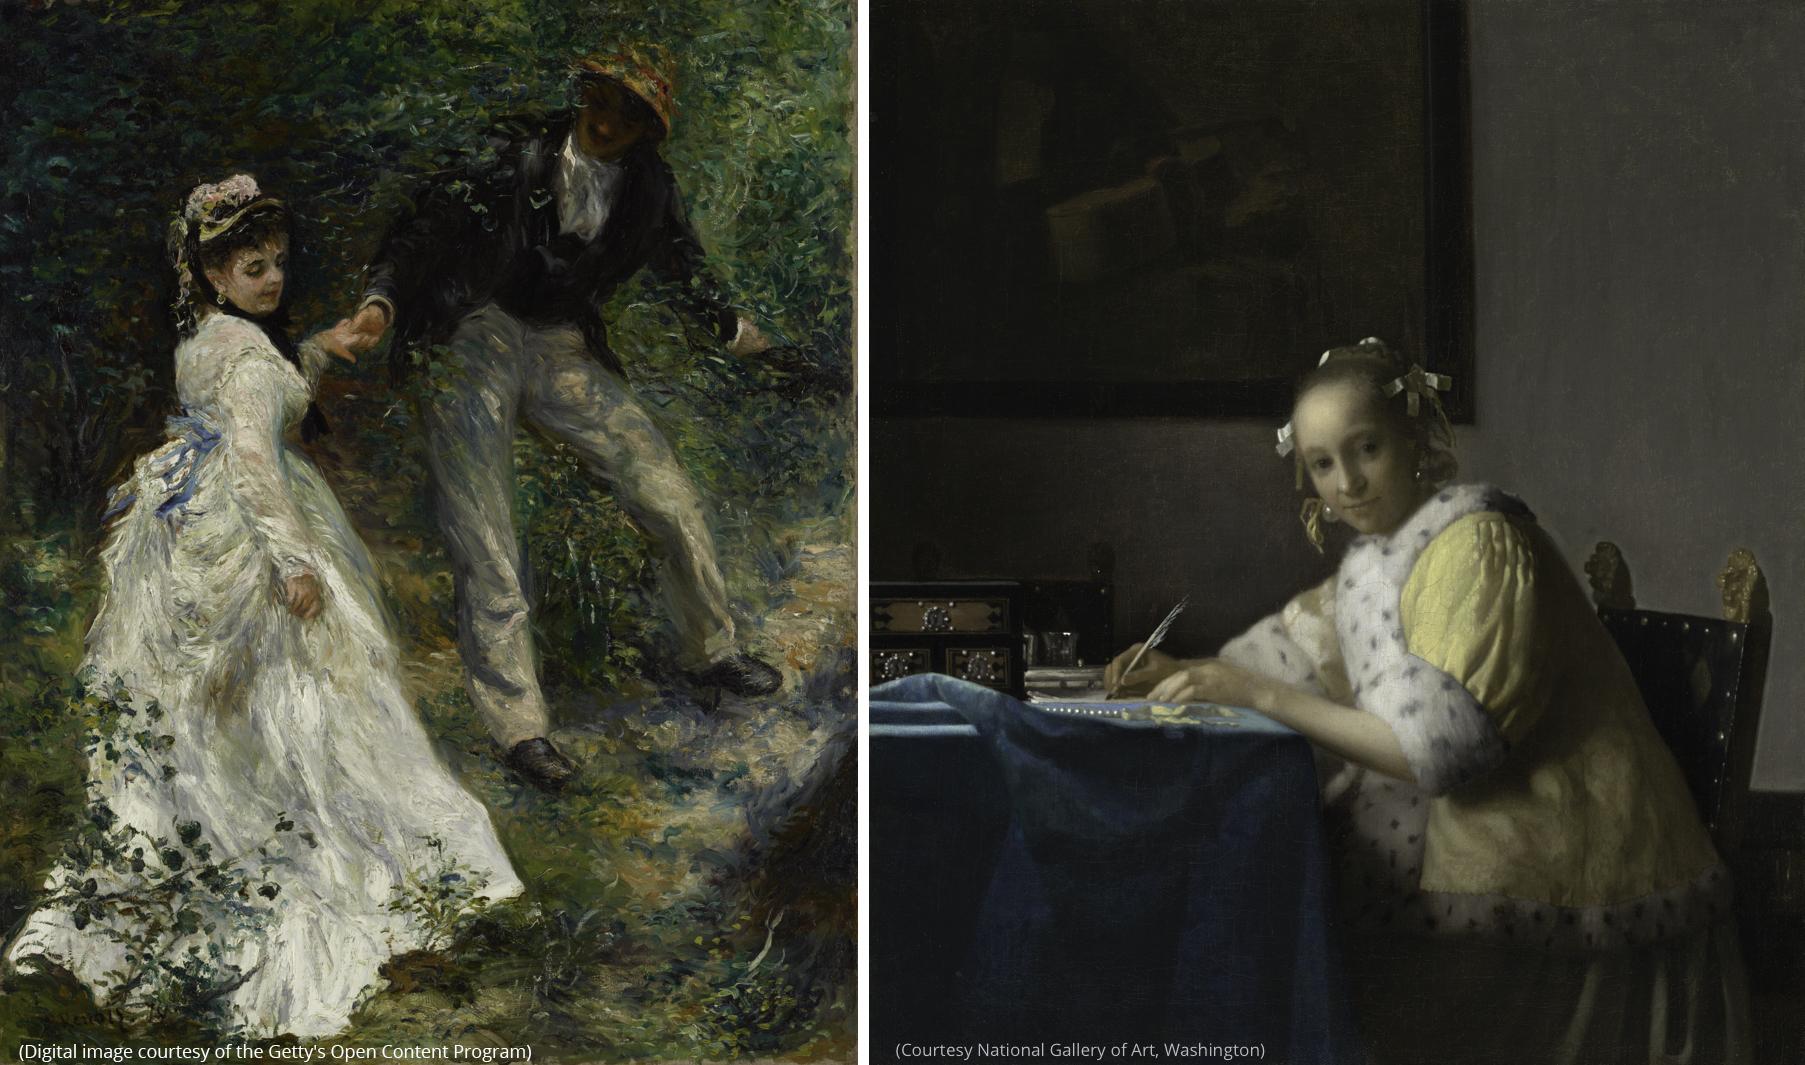 À gauche : La Promenade, de Pierre-Auguste Renoir. (Image numérique offerte par le Getty's Open Content Program) À droite : Femme écrivant une lettre et sa servante, de Johannes Vermeer. (Photo offerte par la National Gallery of Art, Washington)